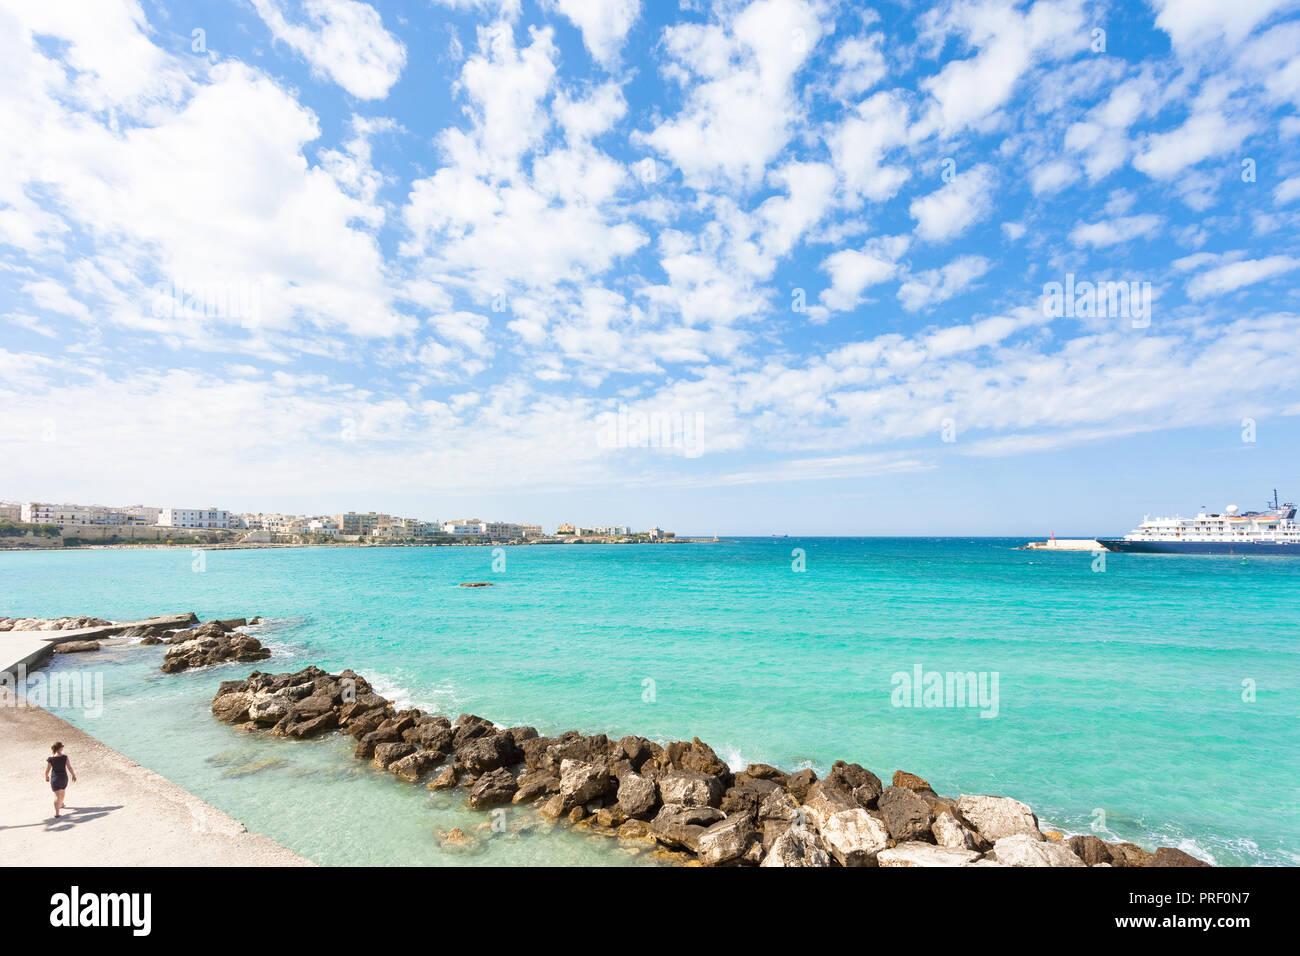 Otranto, Apulia, Italy - A glance across the huge harbor entrance of Otranto Stock Photo